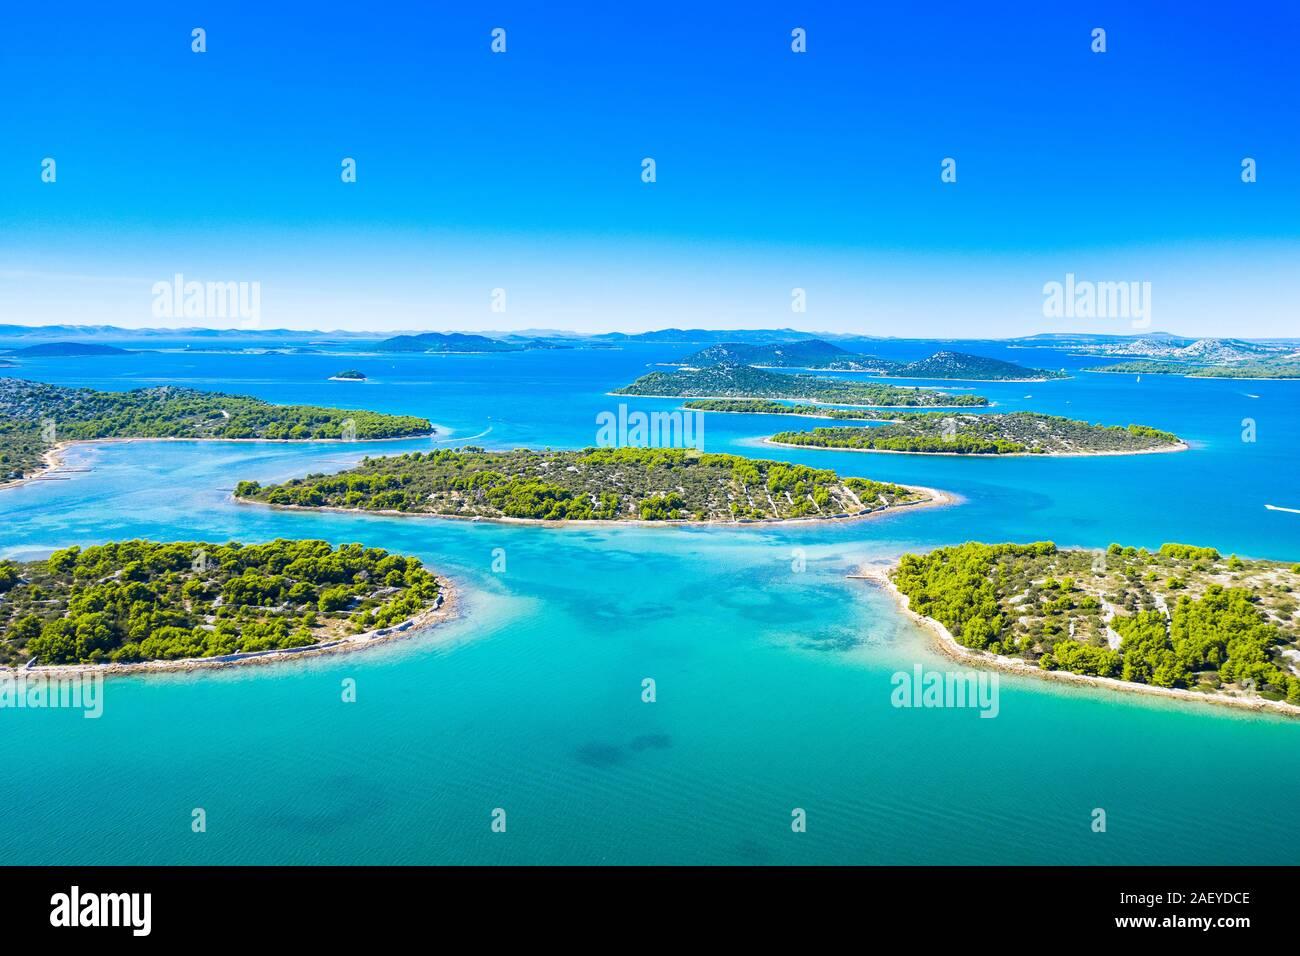 Costa Croata, pequeñas islas en el archipiélago de Murter, vista aérea de las bahías turquesa de drone, paraíso turístico en el mar Adriático Foto de stock